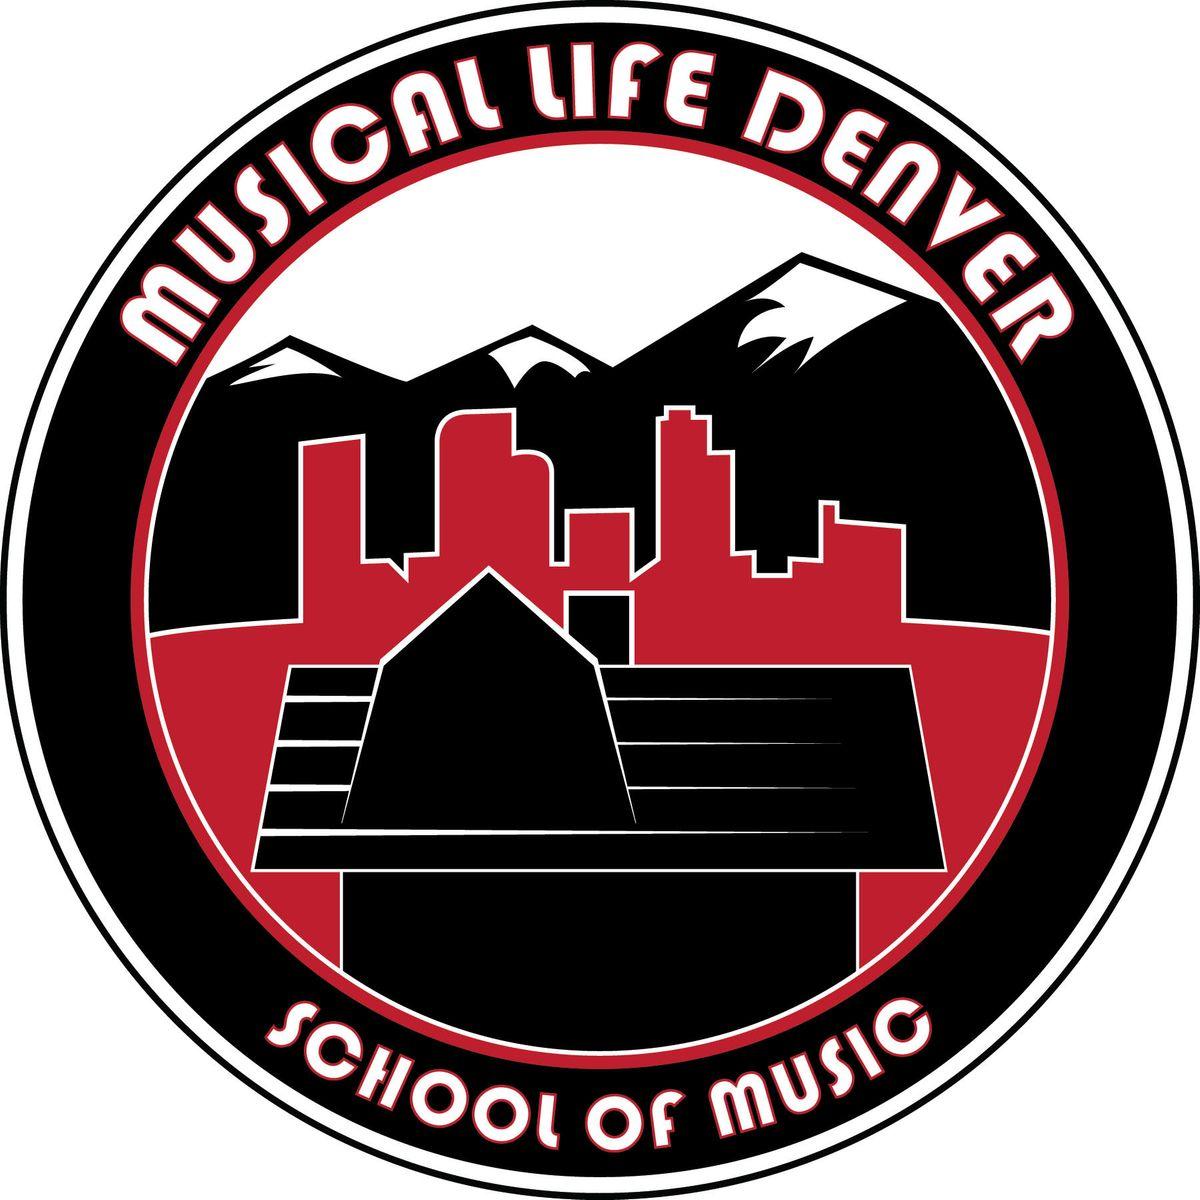 Robby Schechter's Musical Life Denver